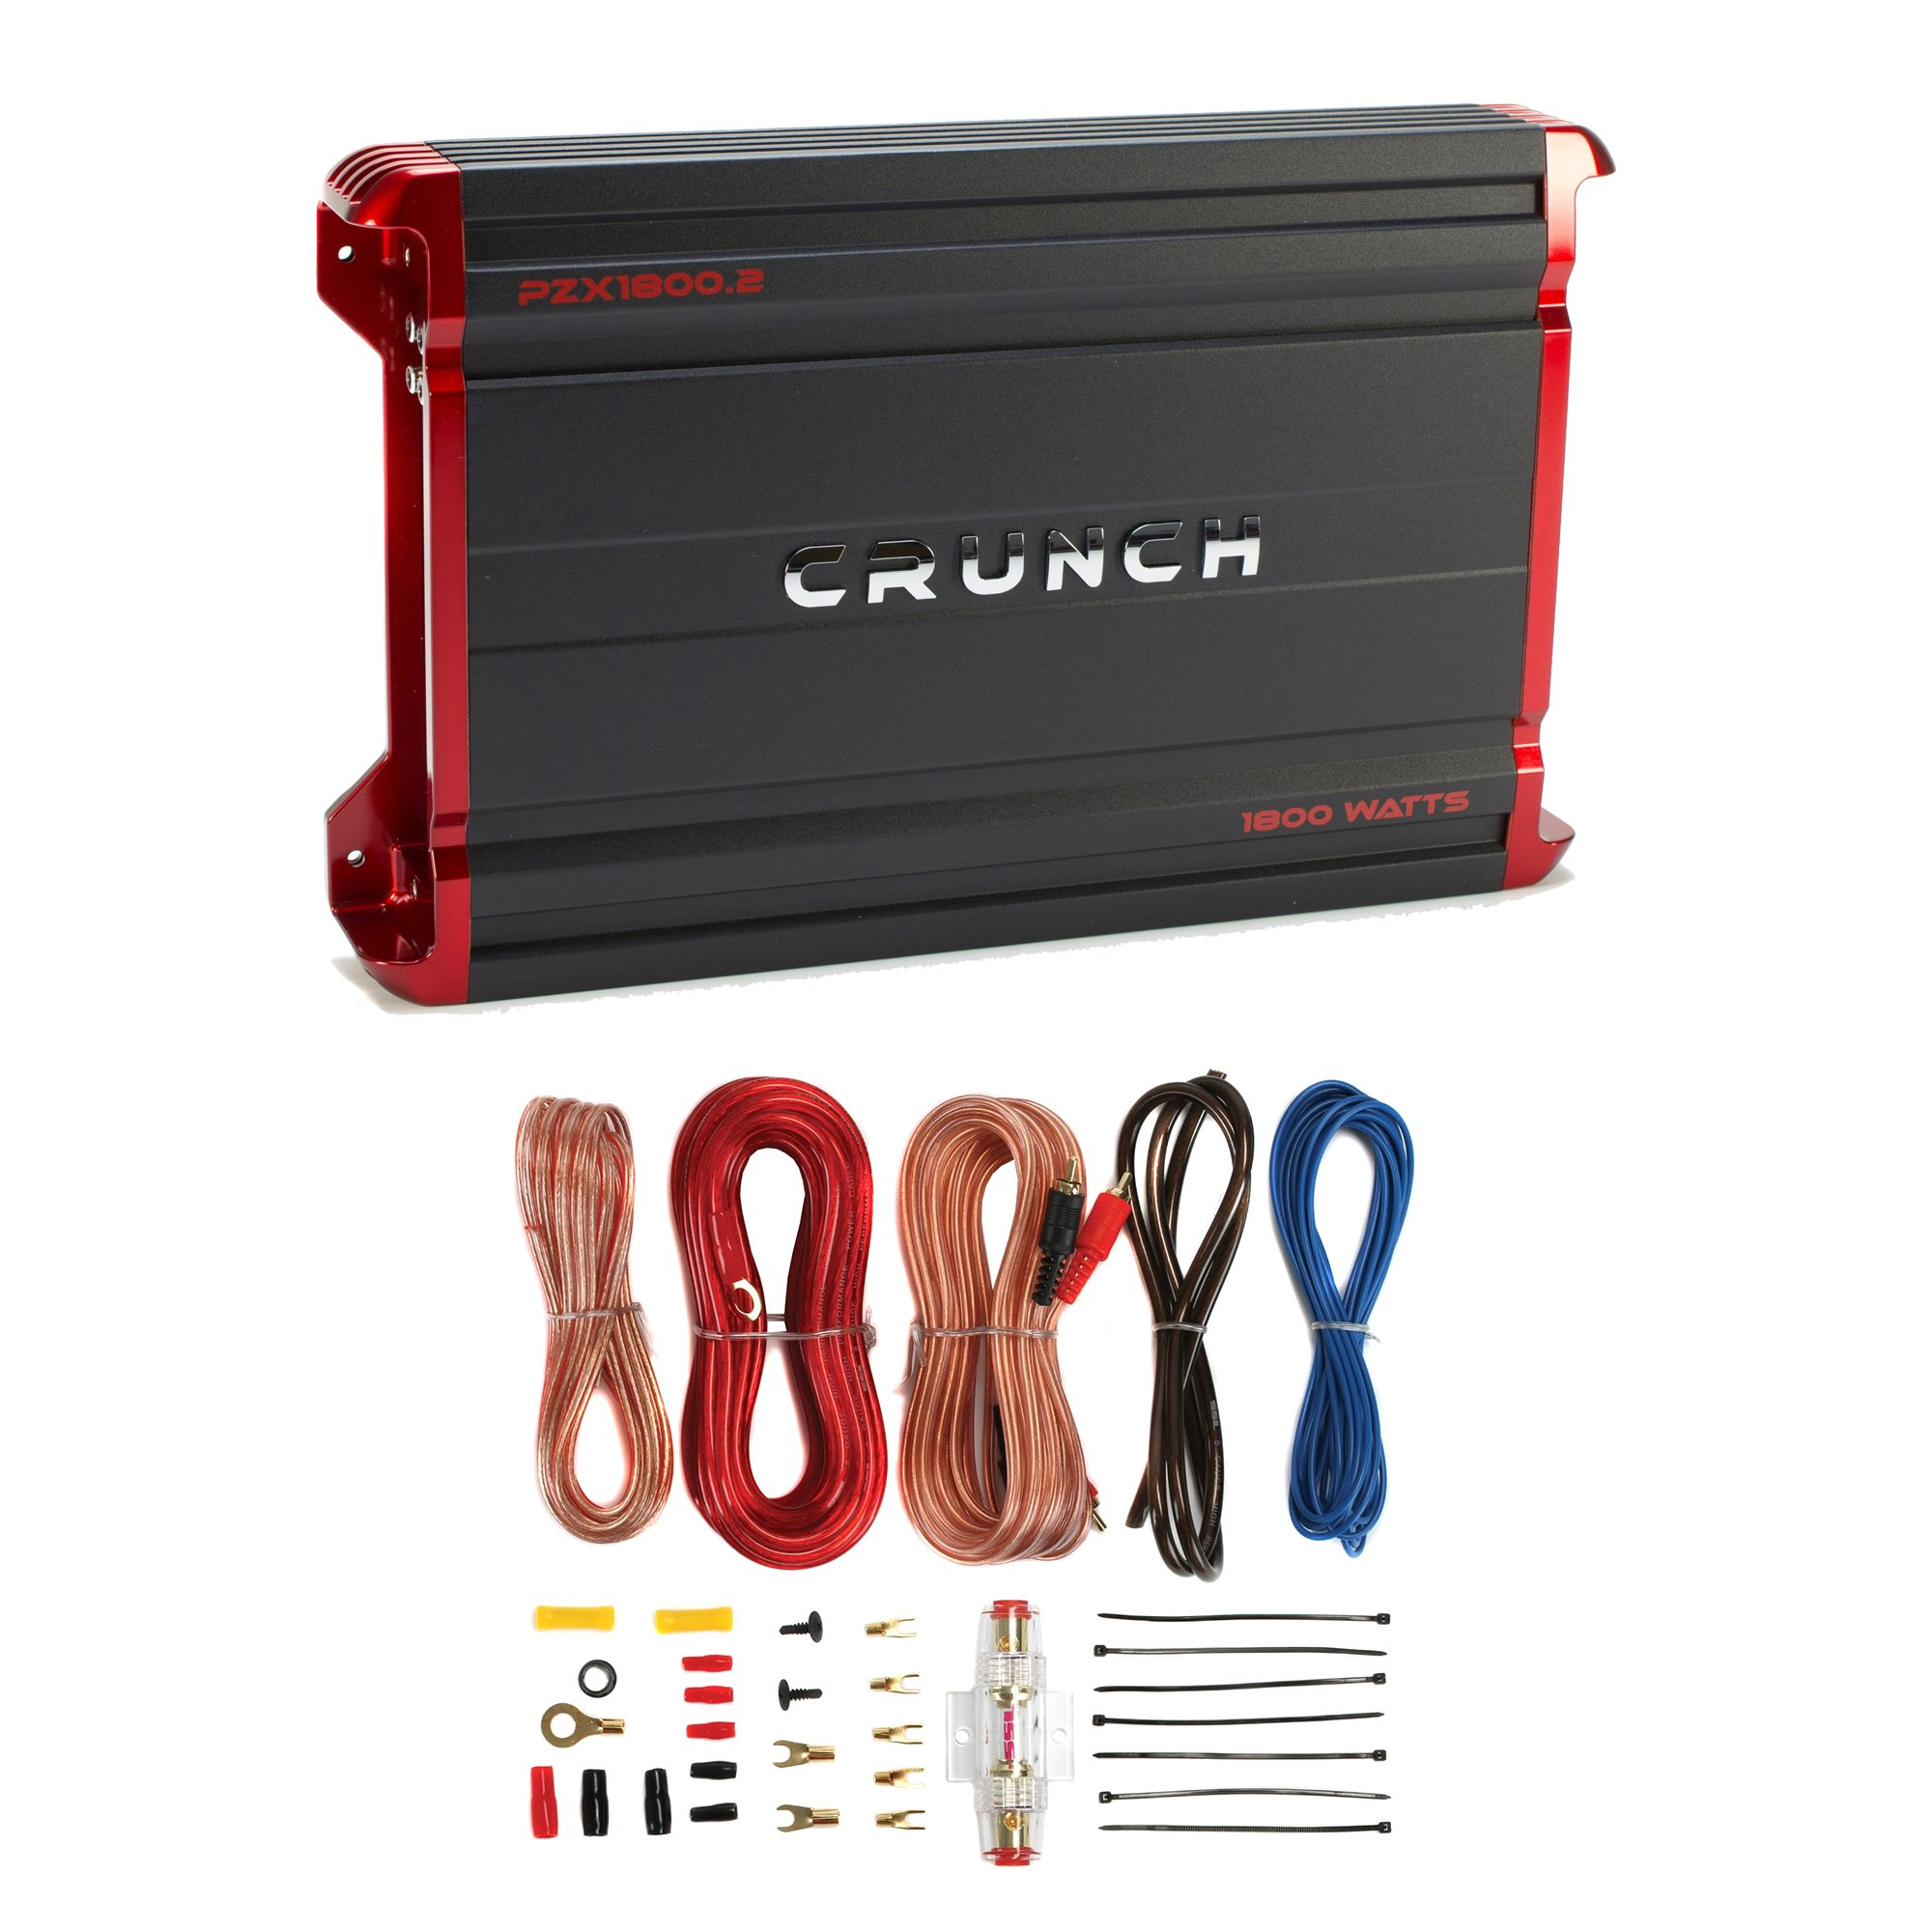 Crunch 1800W 2-Channel Powerzone Car Amplifier + 8-Gauge Wiring Kit